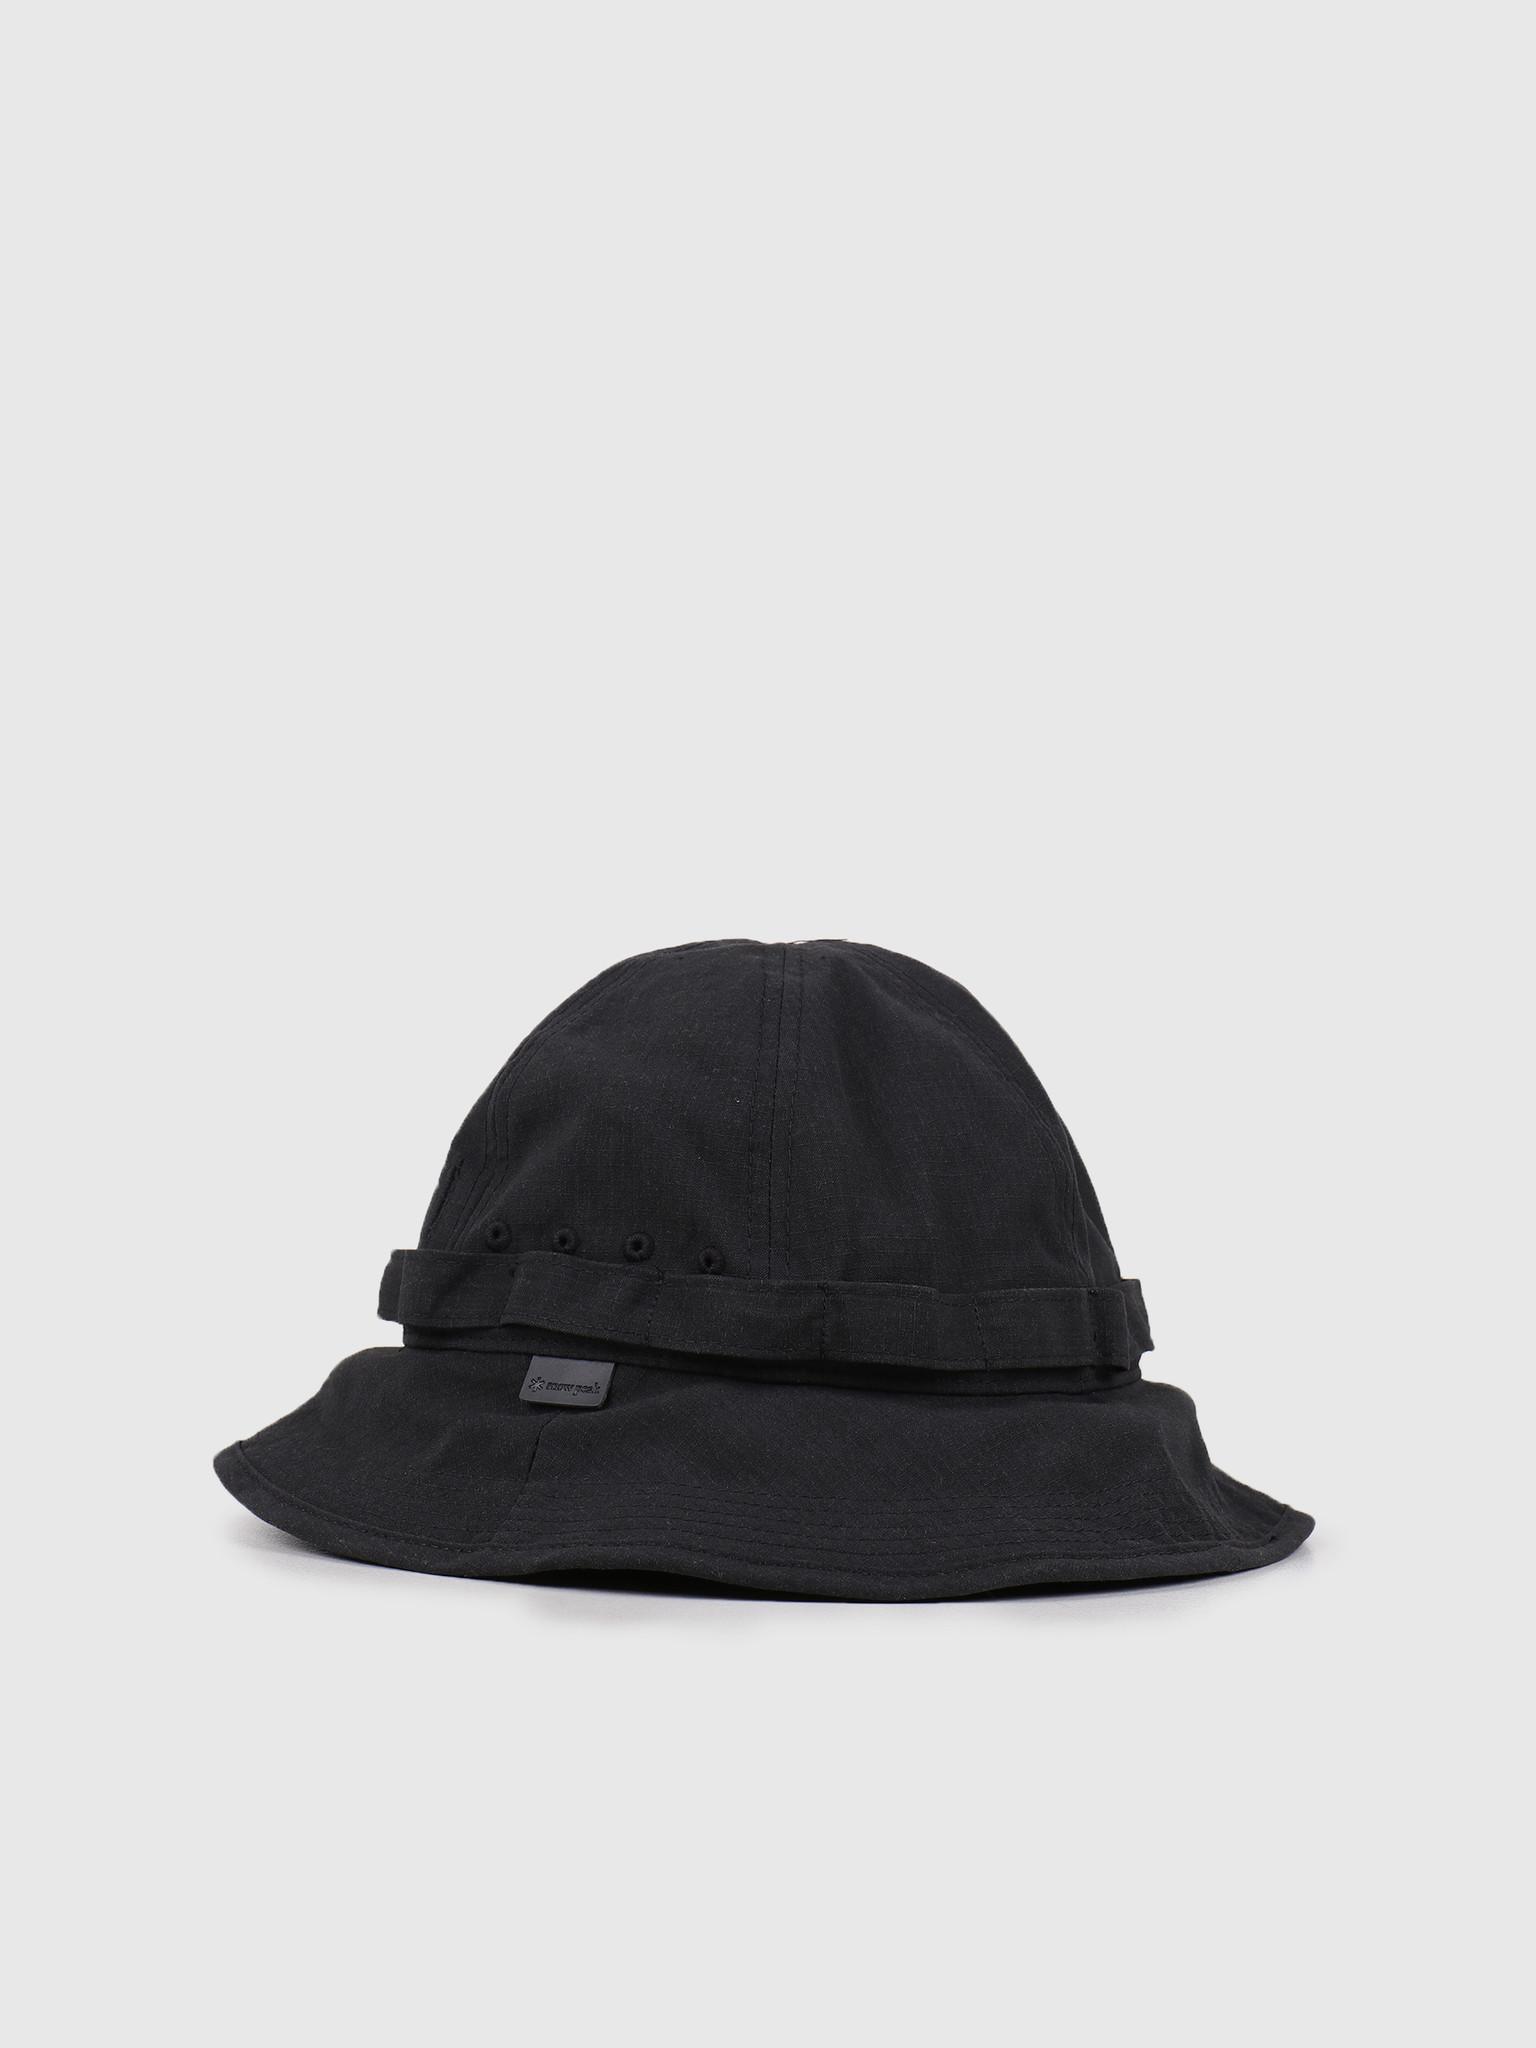 Snow Peak Snow Peak Takibi Bucket Hat Black UG-823BK